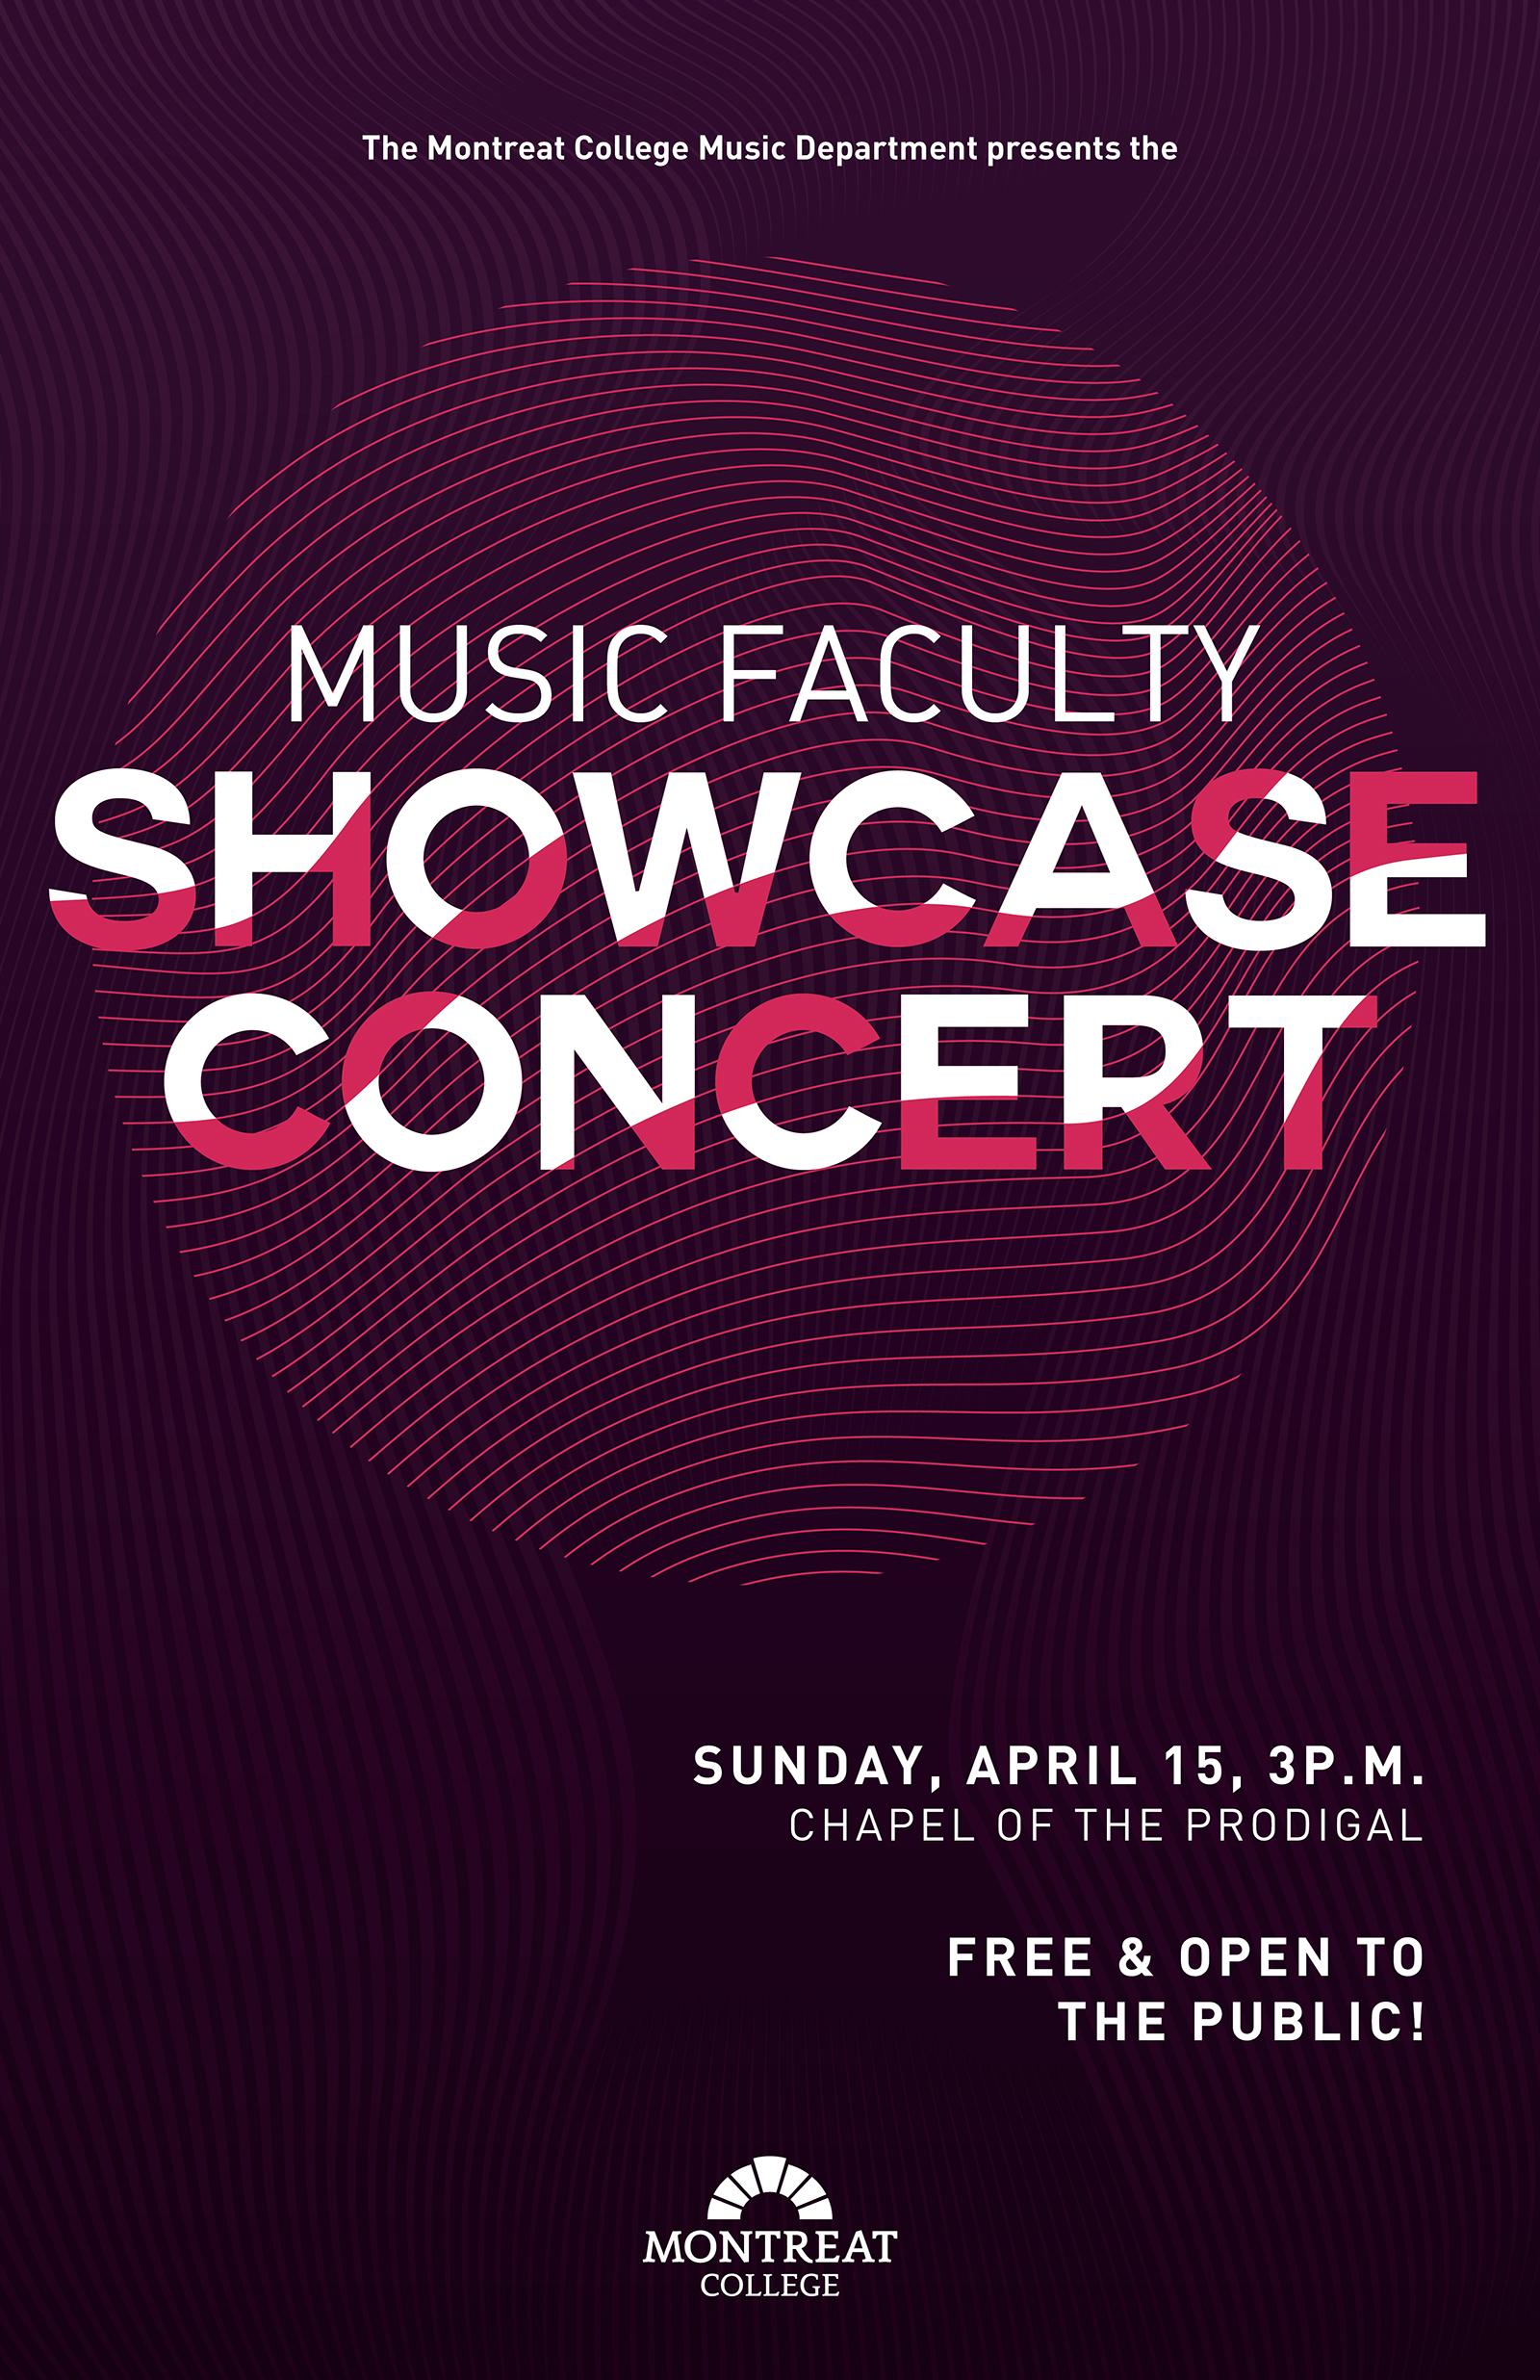 Faculty_Showcase_Concert_Poster_v1-02.jpg